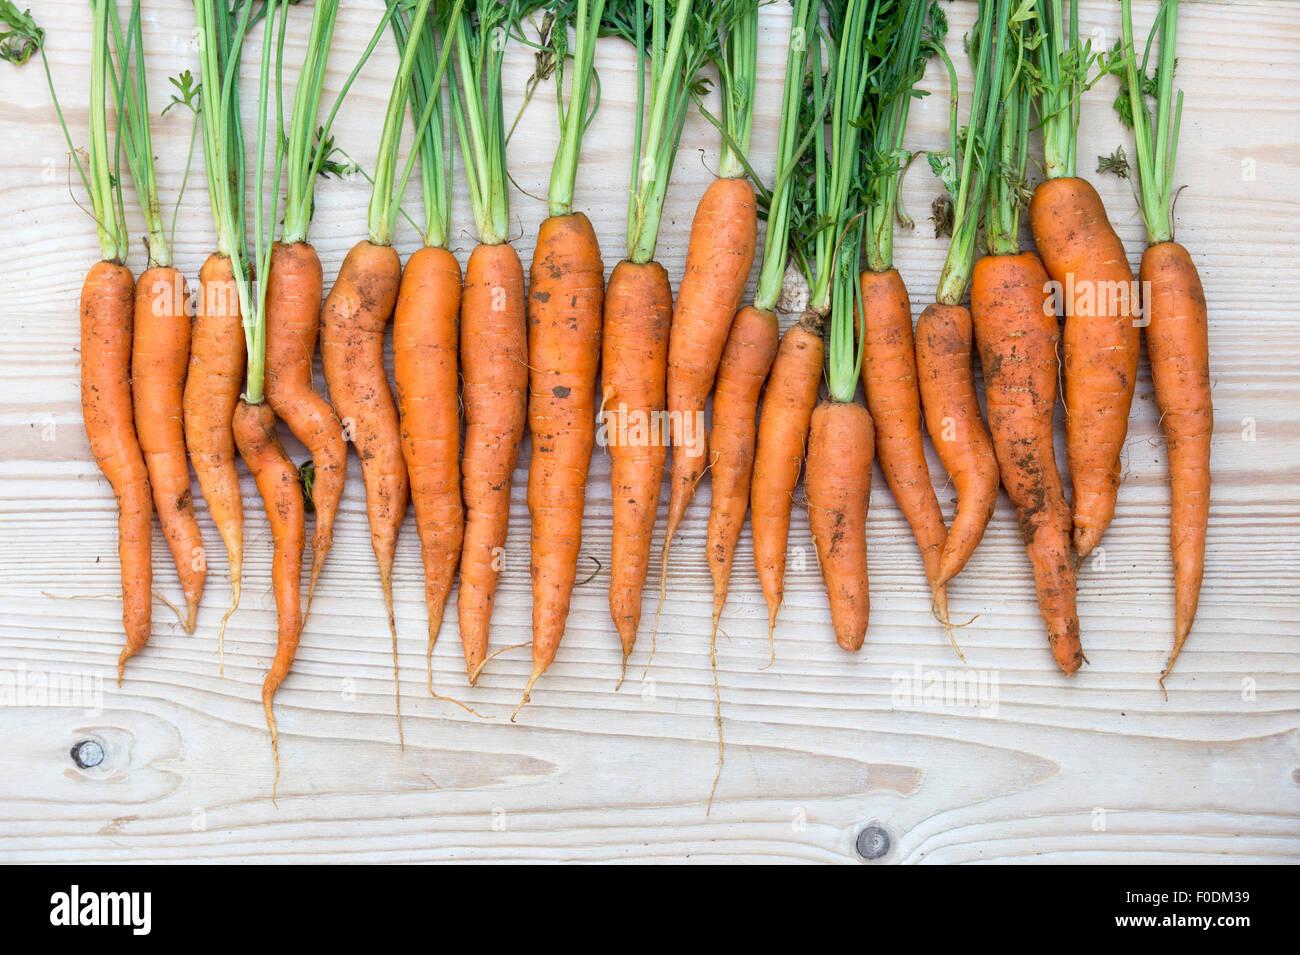 Daucus carota. Freshly dug organic carrots - Stock Image